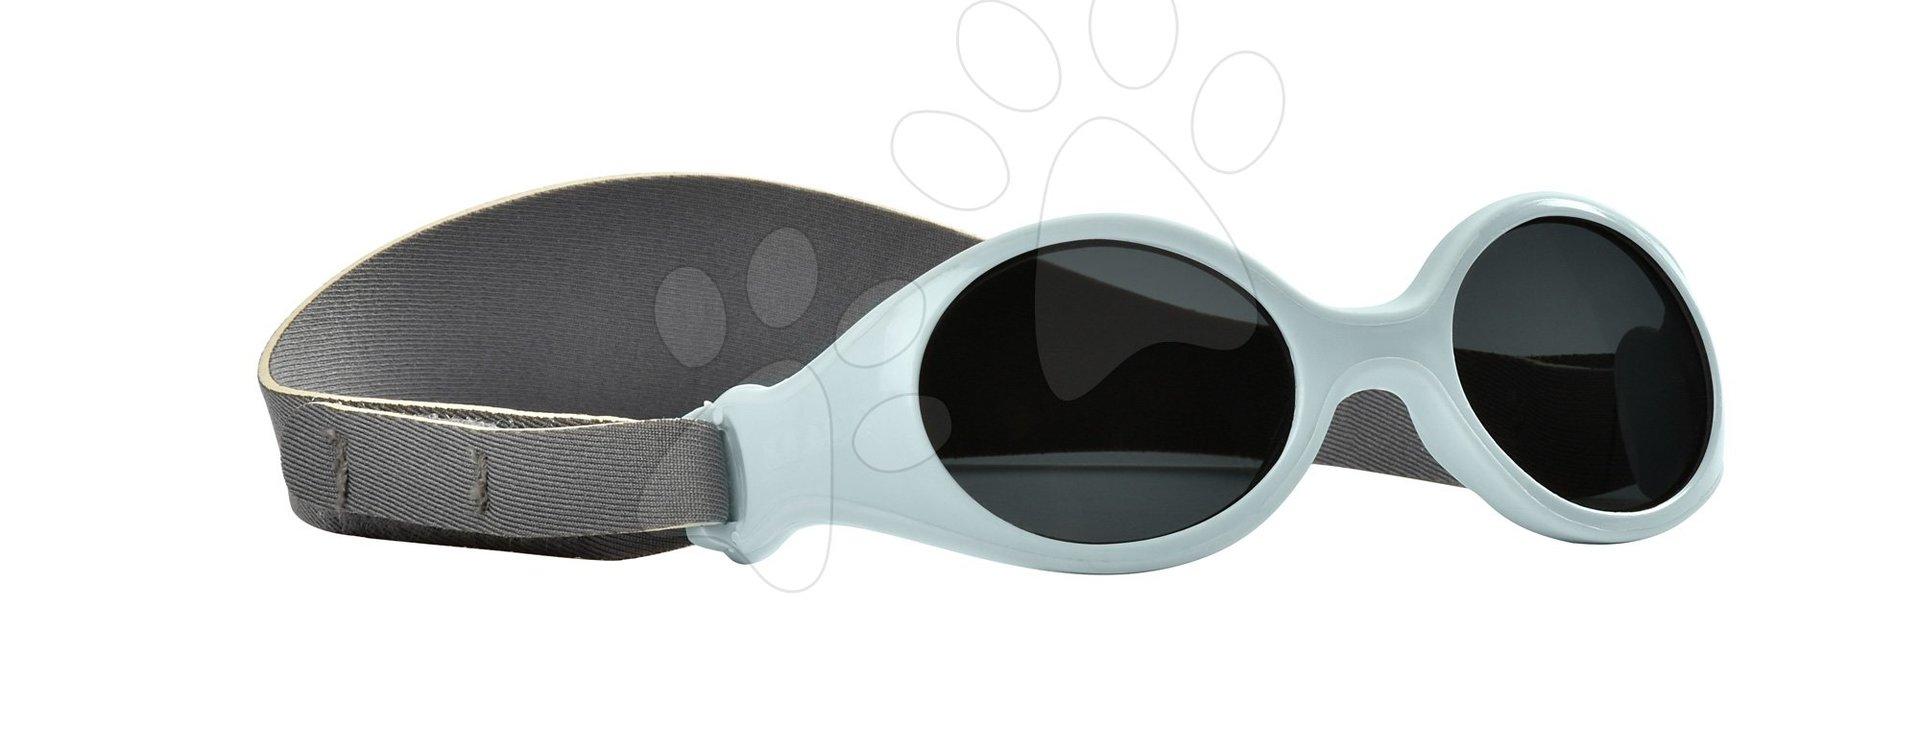 Sluneční brýle pro novorozence Beaba Clip strap XS od 3 měsíců s UV filtrem 4 modré